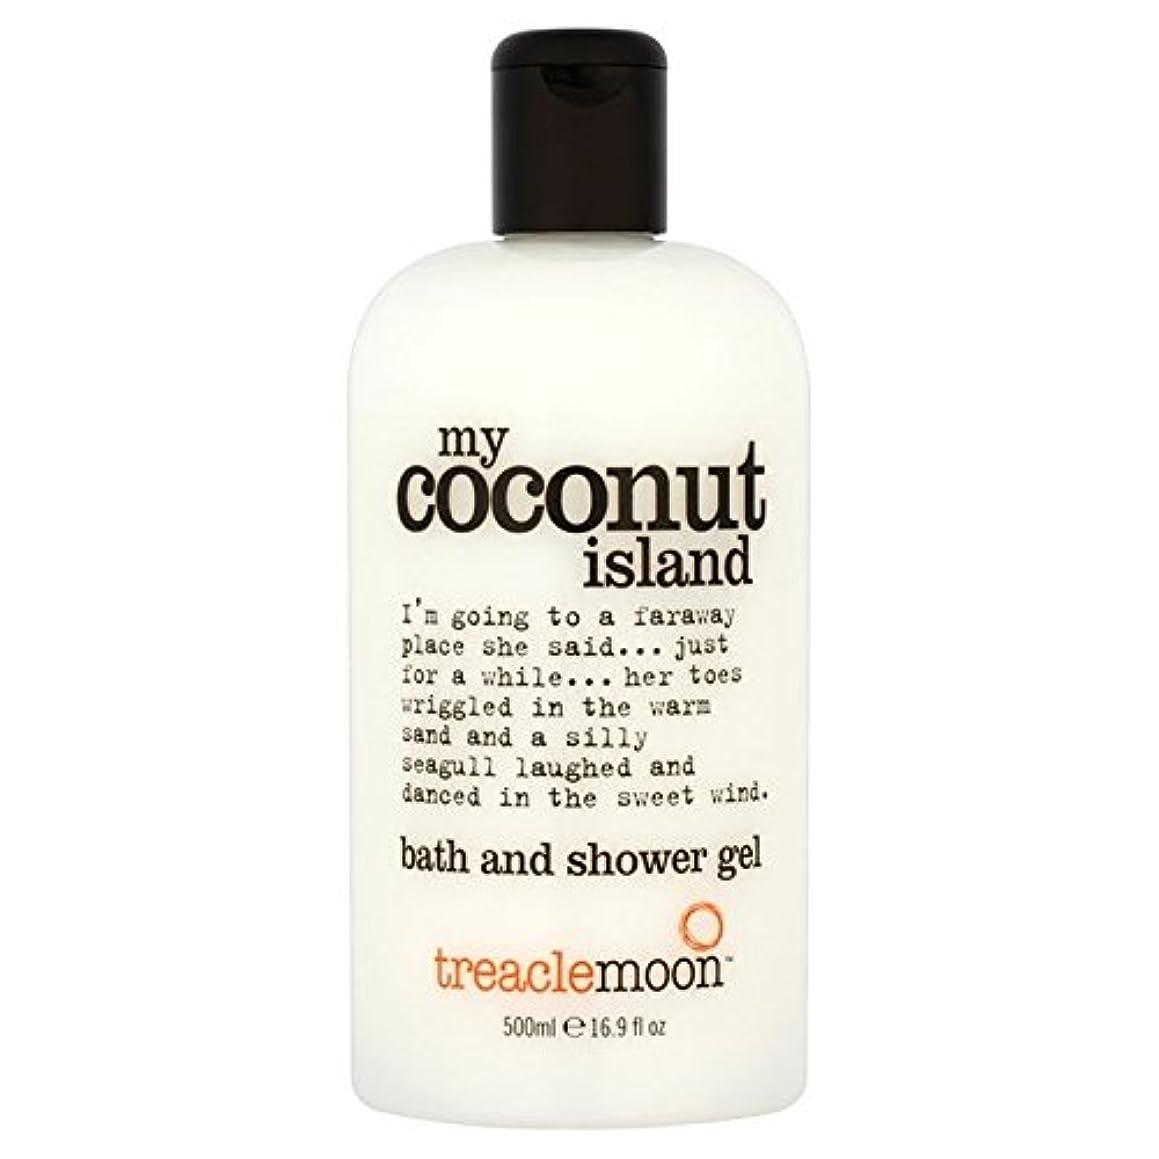 ヘクタール戦術拍手Treacle Moon Coconut Island Bath & Shower Gel 500ml - 糖蜜月ココナッツ島のバス&シャワージェル500ミリリットル [並行輸入品]